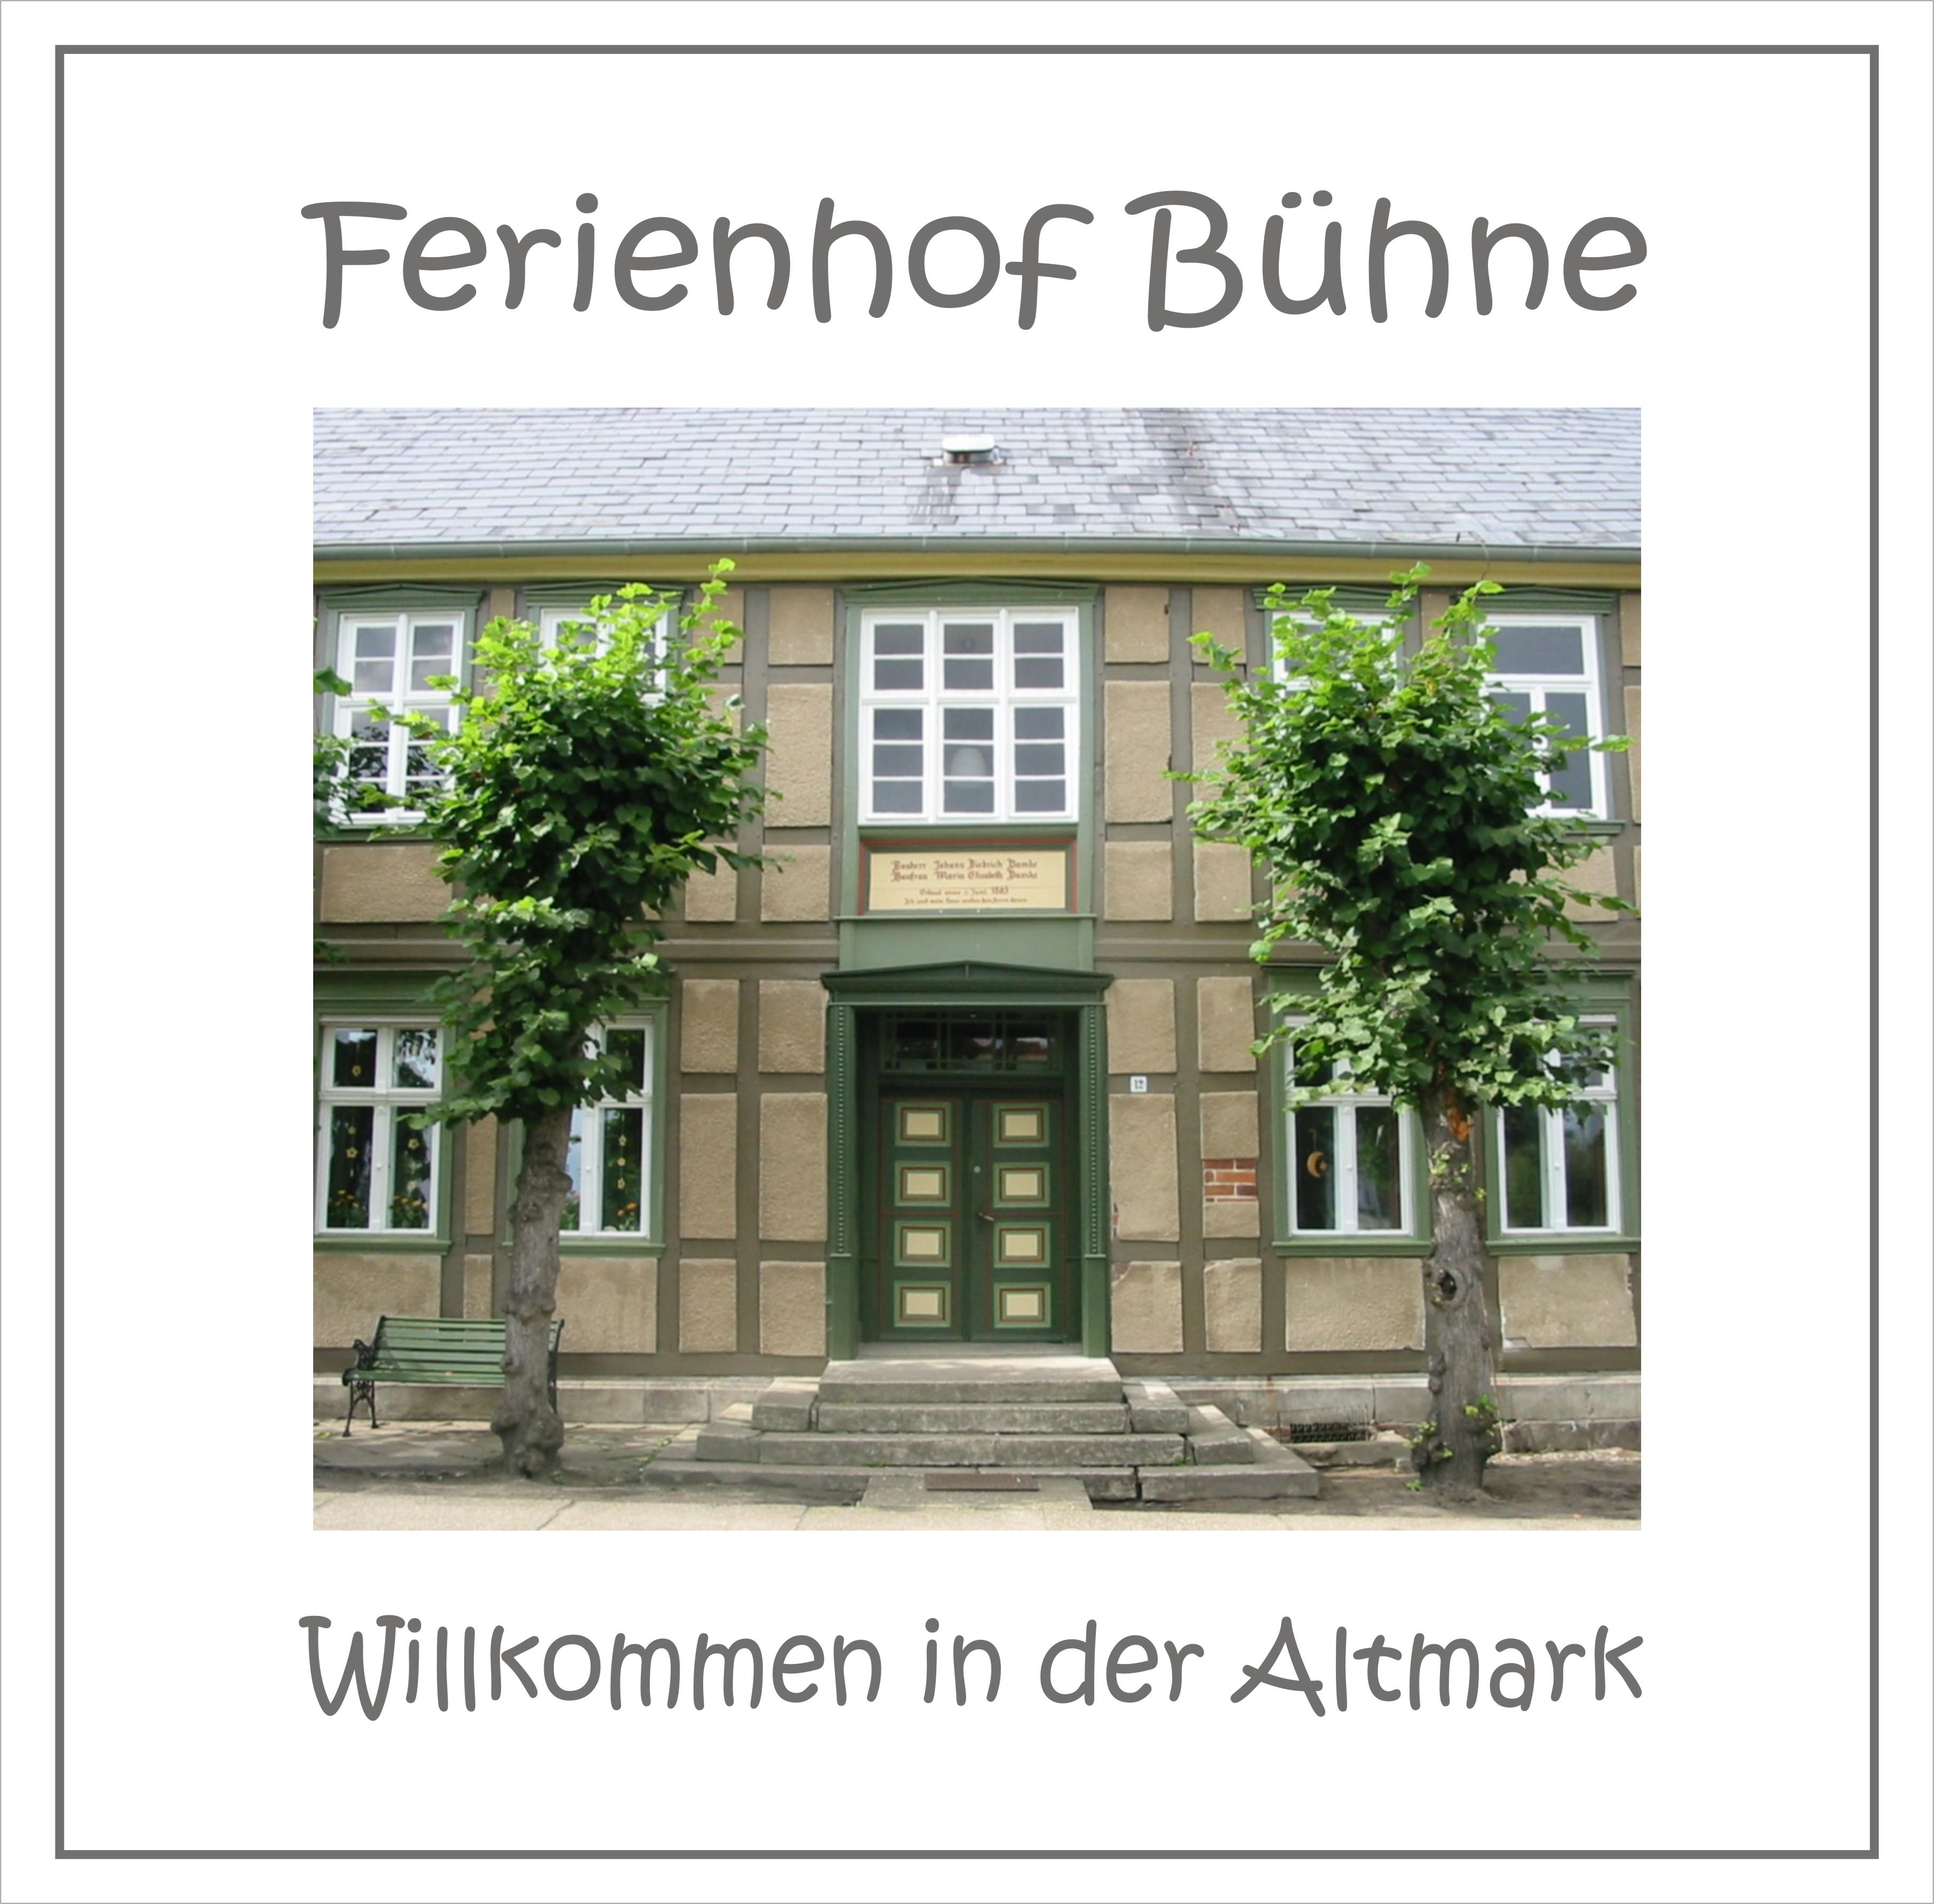 Willkommen in der Altmark